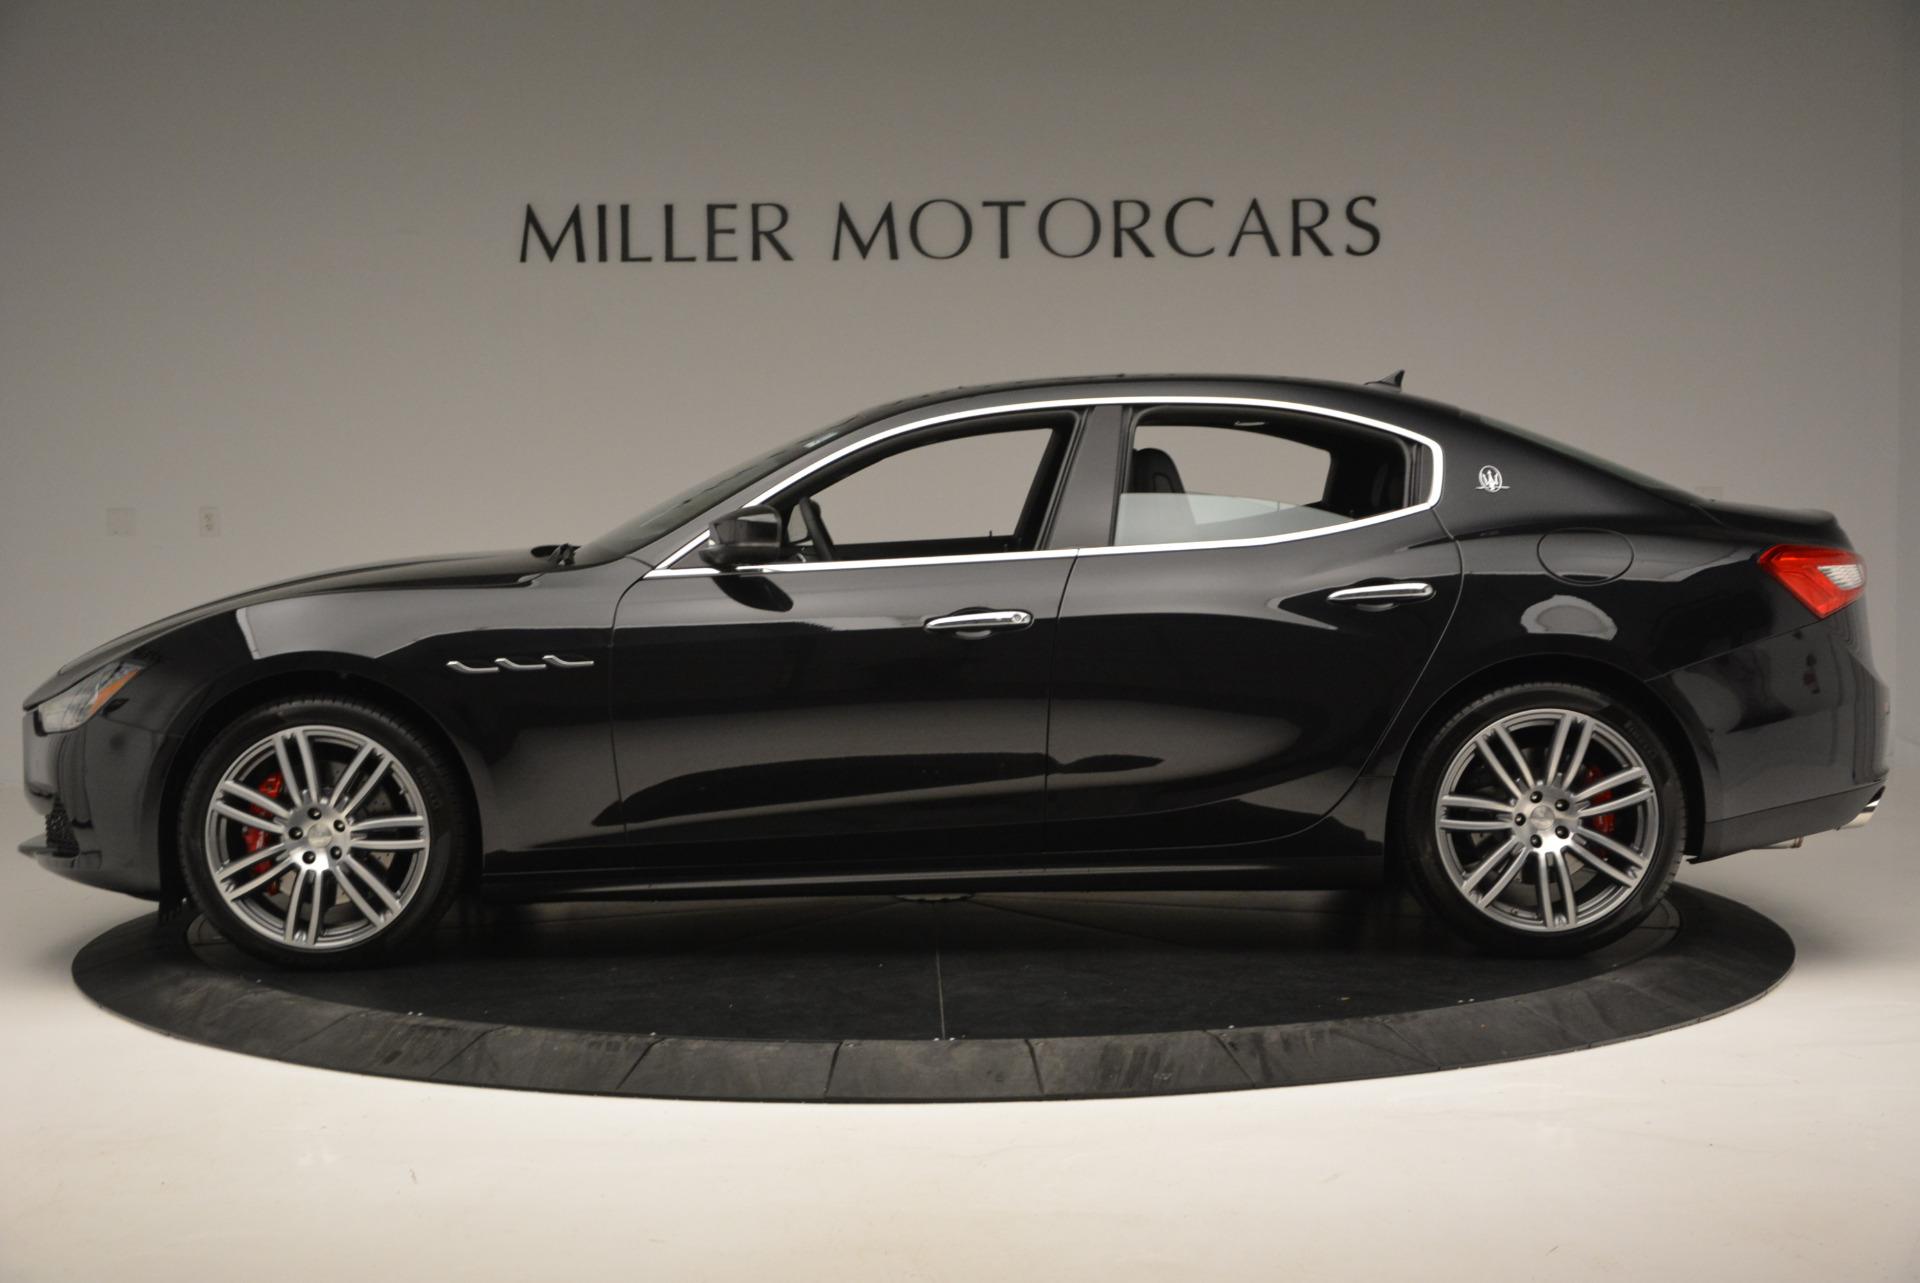 New 2017 Maserati Ghibli S Q4 For Sale In Greenwich, CT 630_p3